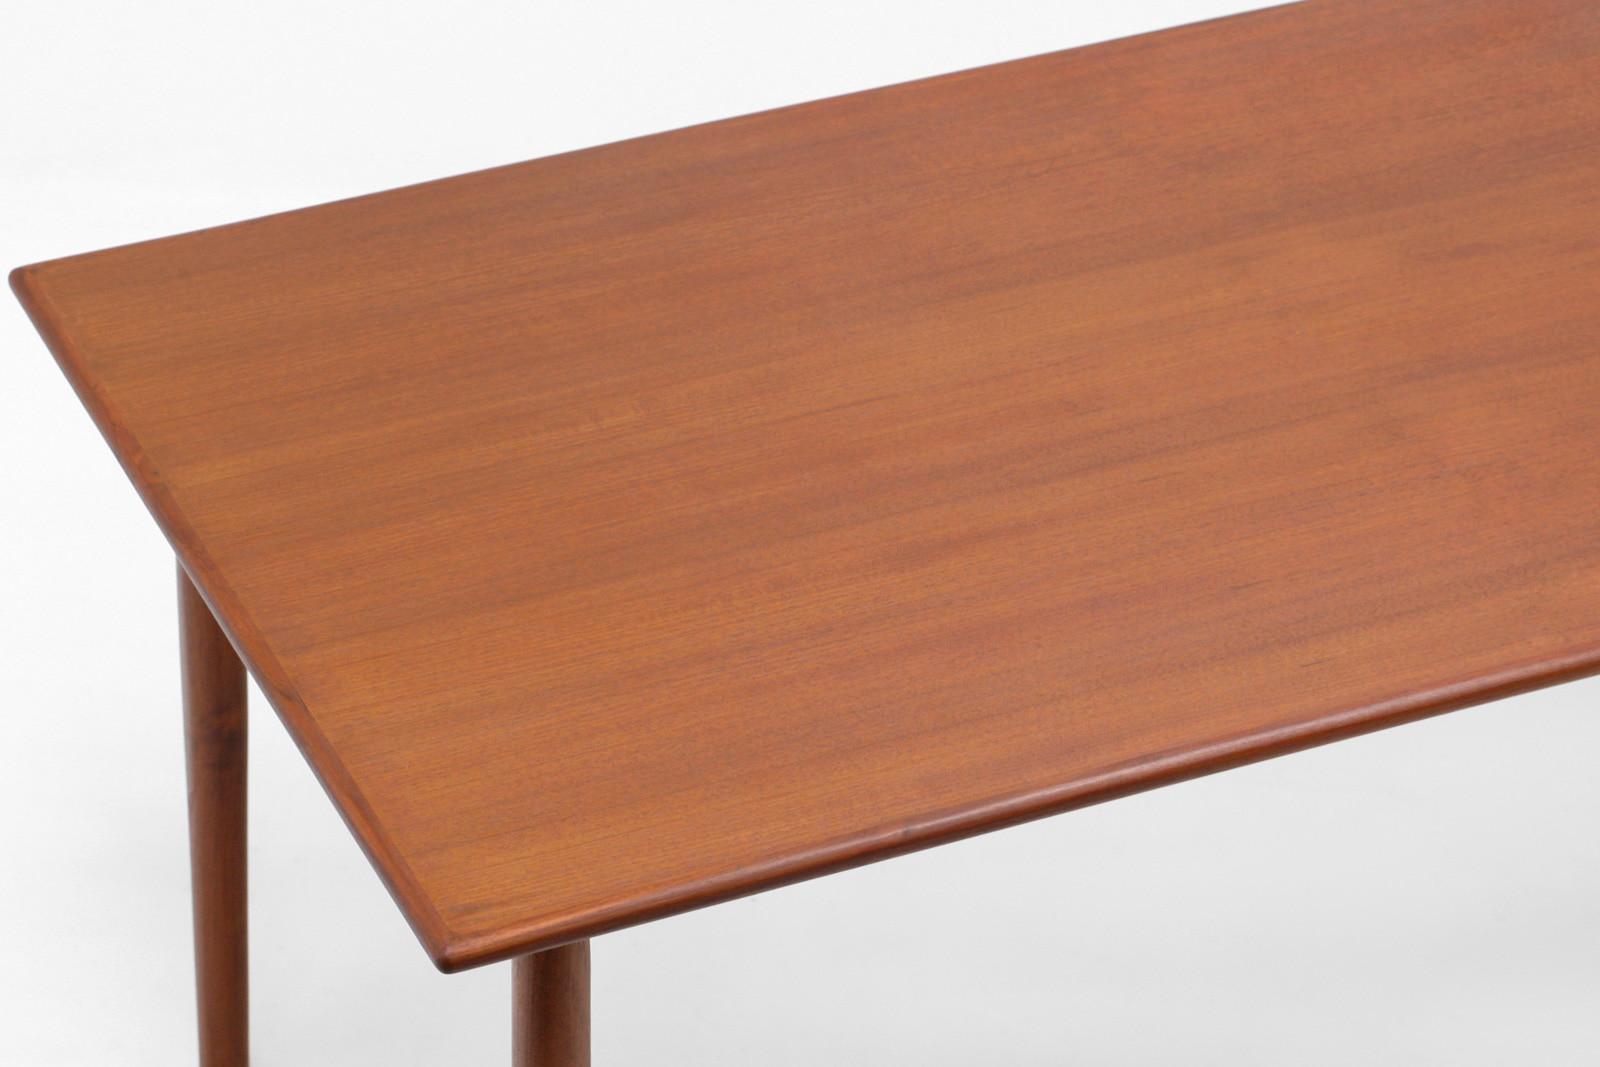 北欧,デザイン,家具,クロッケン,チーク材,テーブル